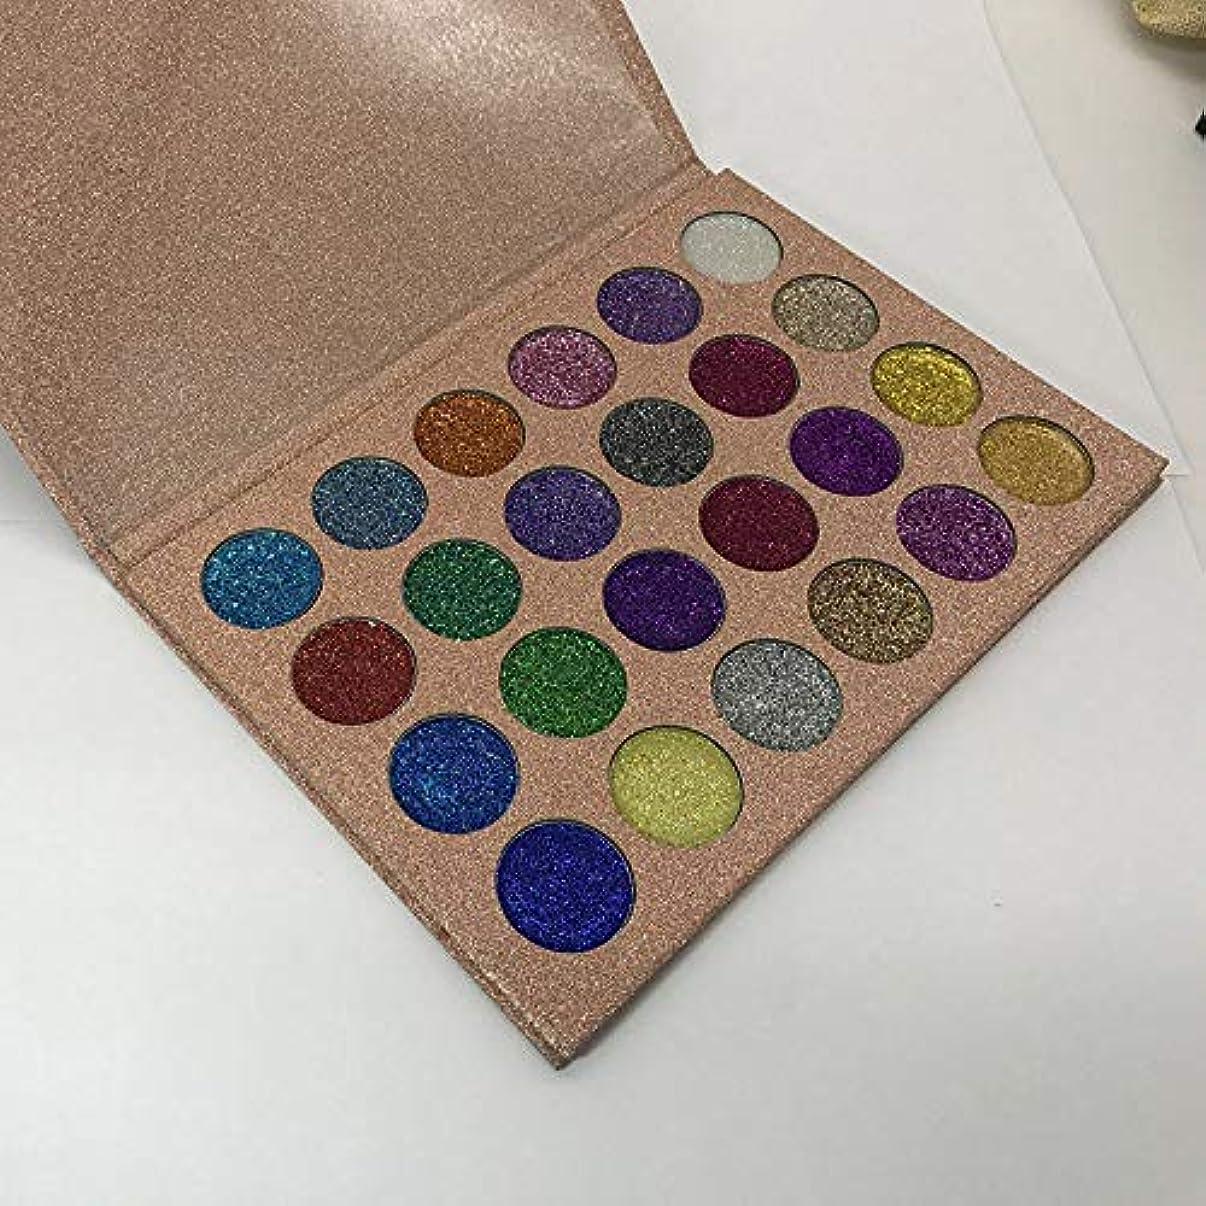 ロケット松明旋律的FidgetGear アイシャドウ化粧ファッション24色押しグリッターアイシャドウパレット化粧品